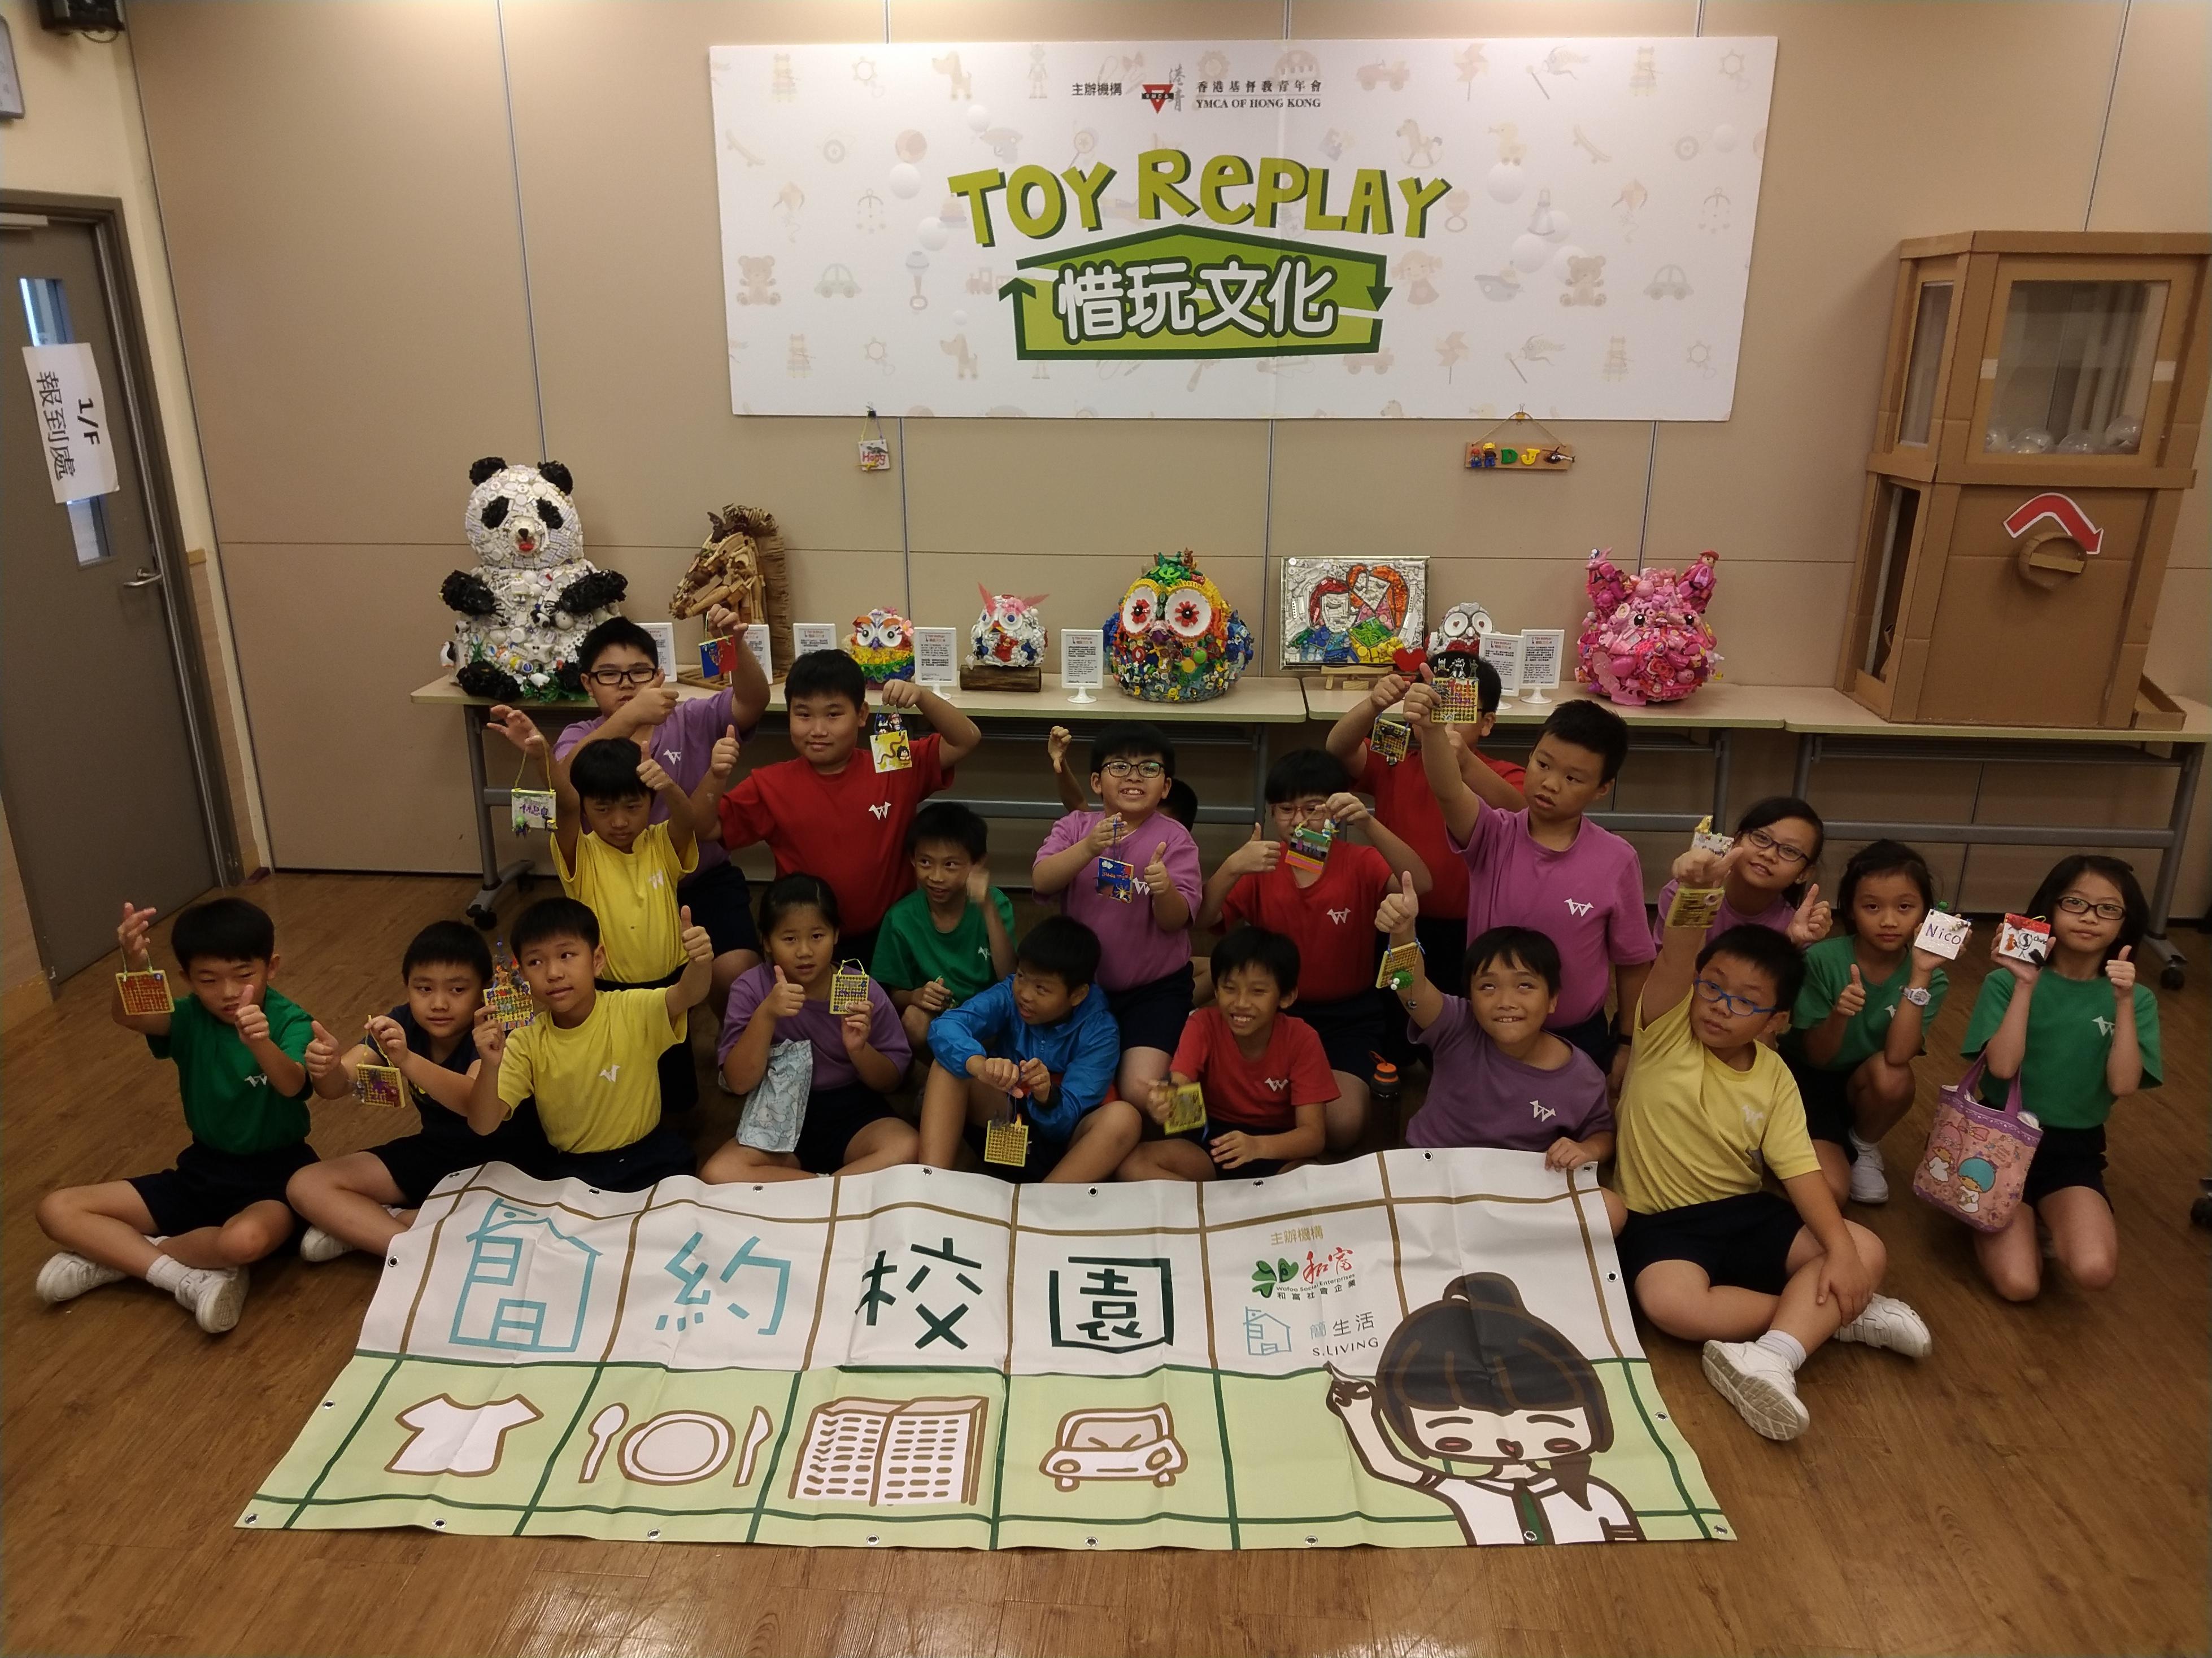 舊玩具升級改造工作坊 - 香港基督教青年會